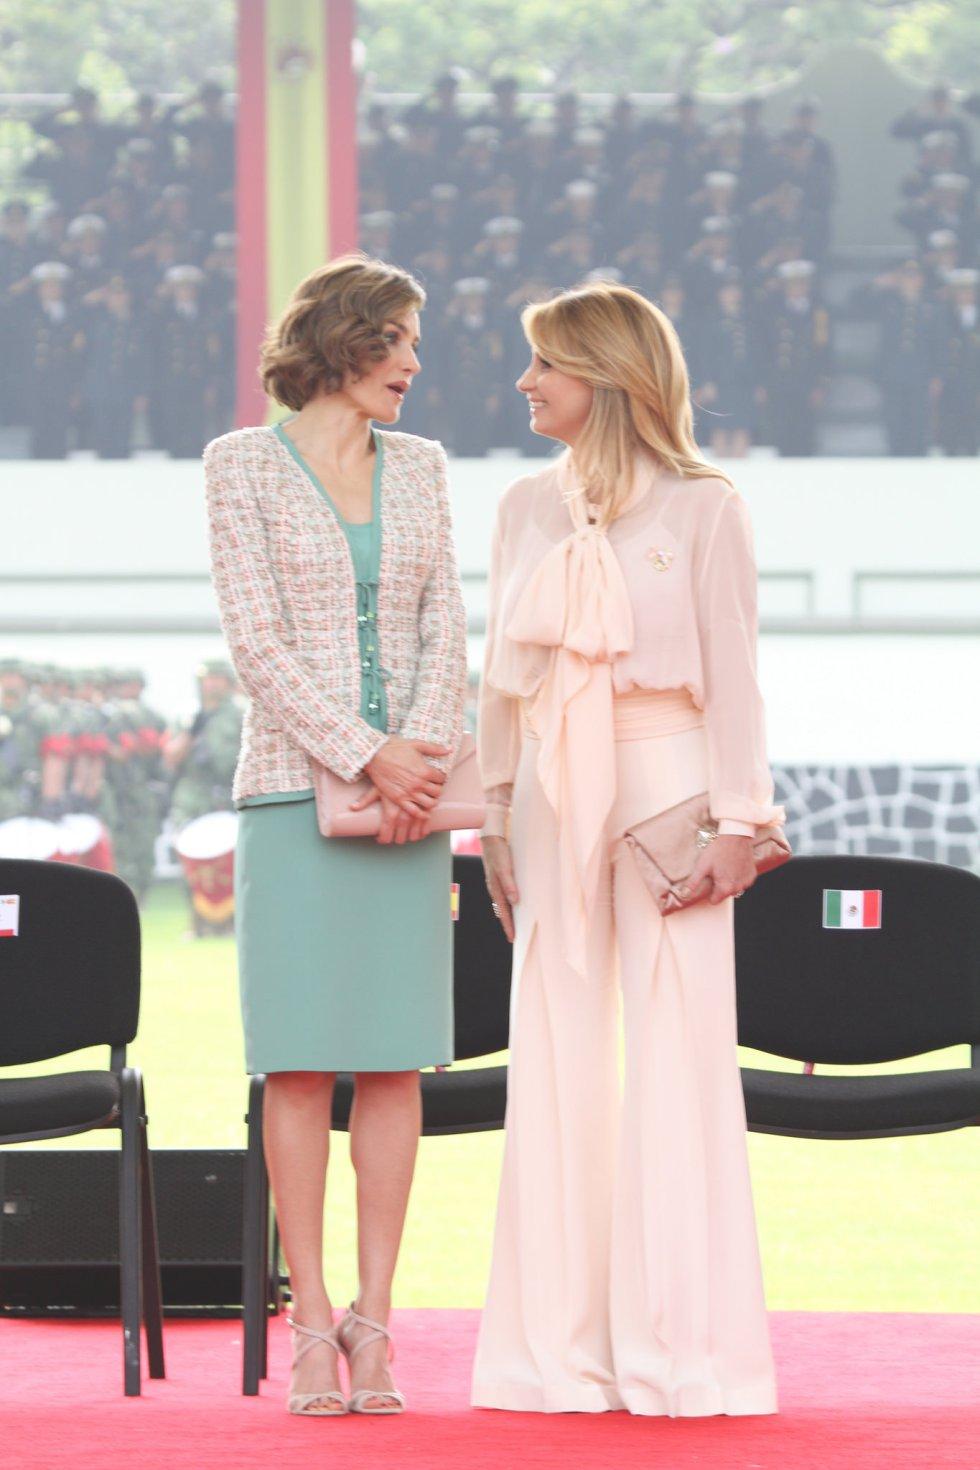 Las elecciones de Rivera para vestir no siempre reciben las mejores críticas. El año pasado durante la visita de los Reyes de España a México, la actriz vistió un pantalón acampanado y blusa de seda color rosa de Alejandro Carlín.